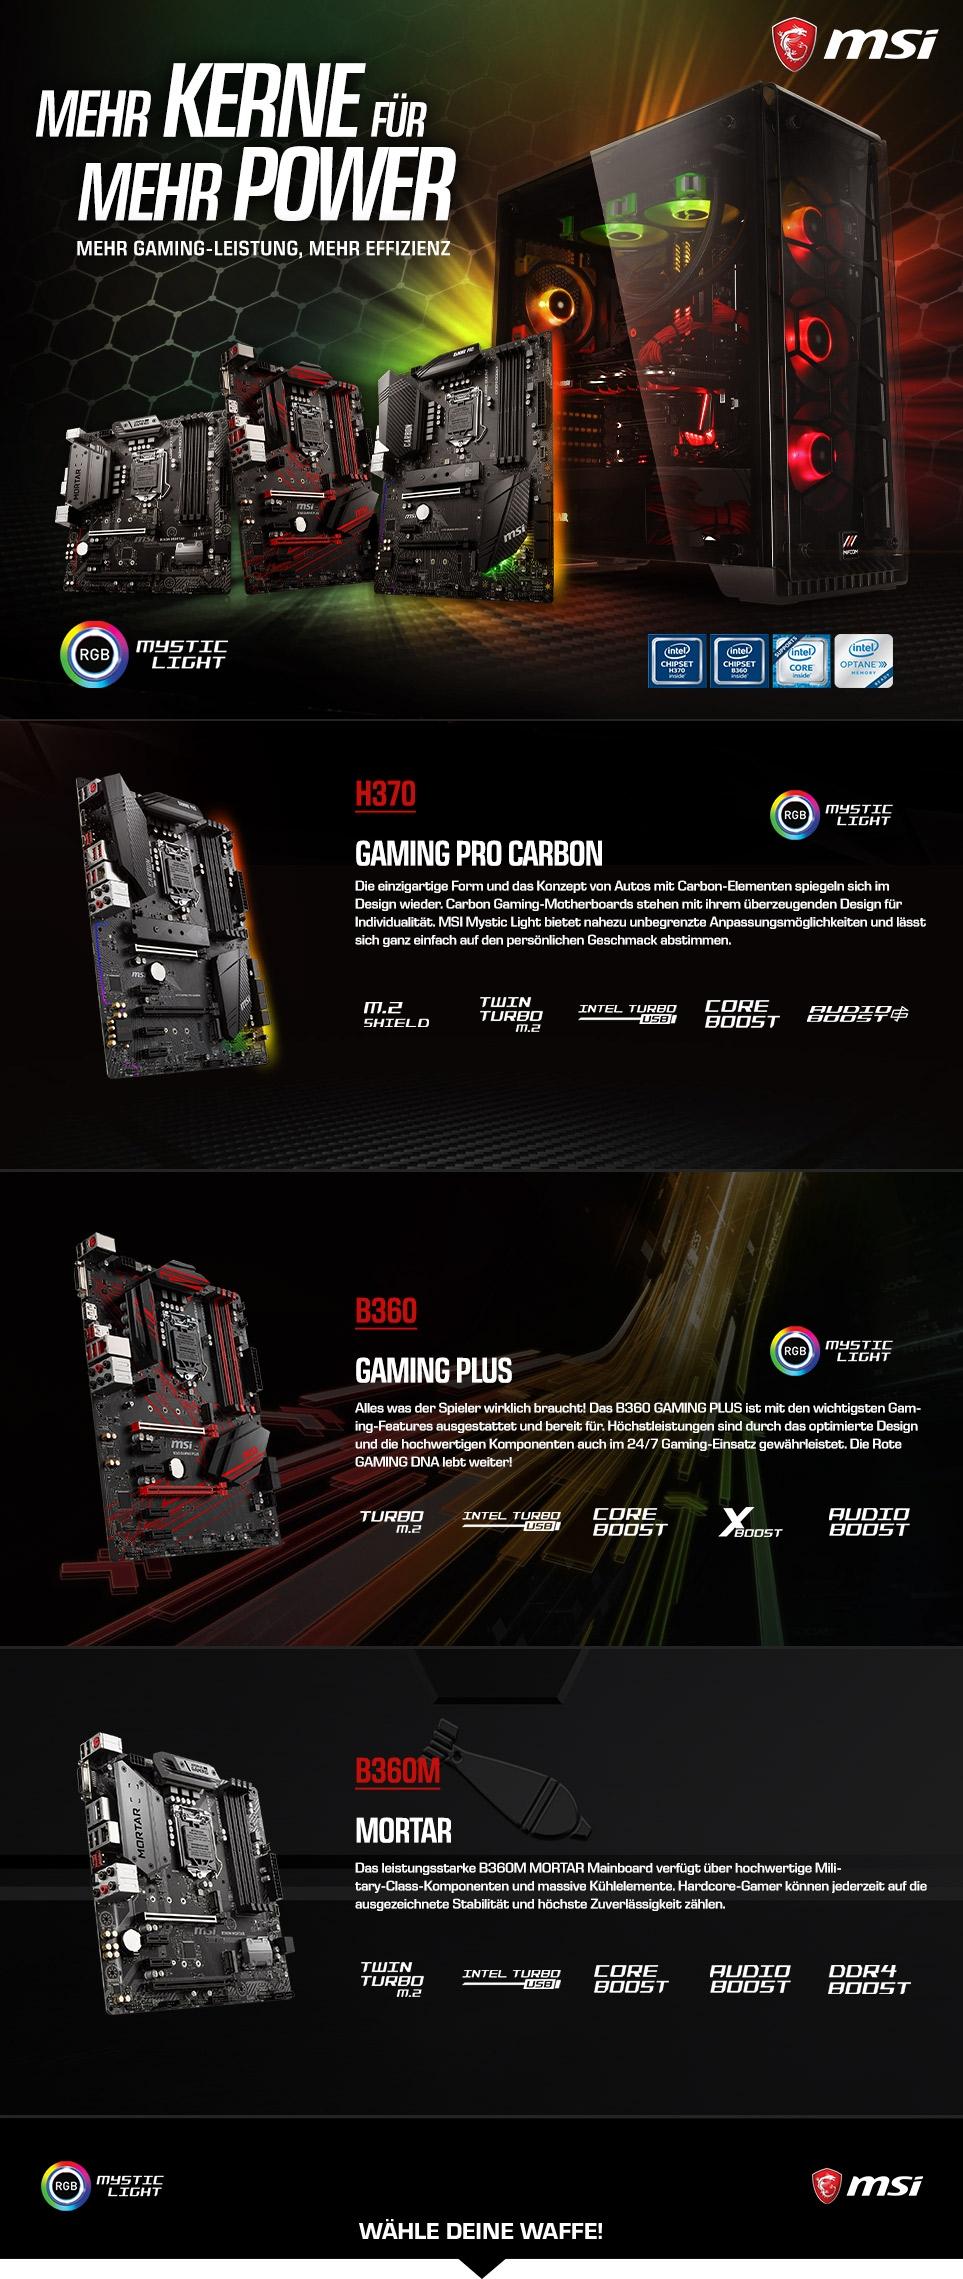 MSI Intel B/H300-Series Gaming